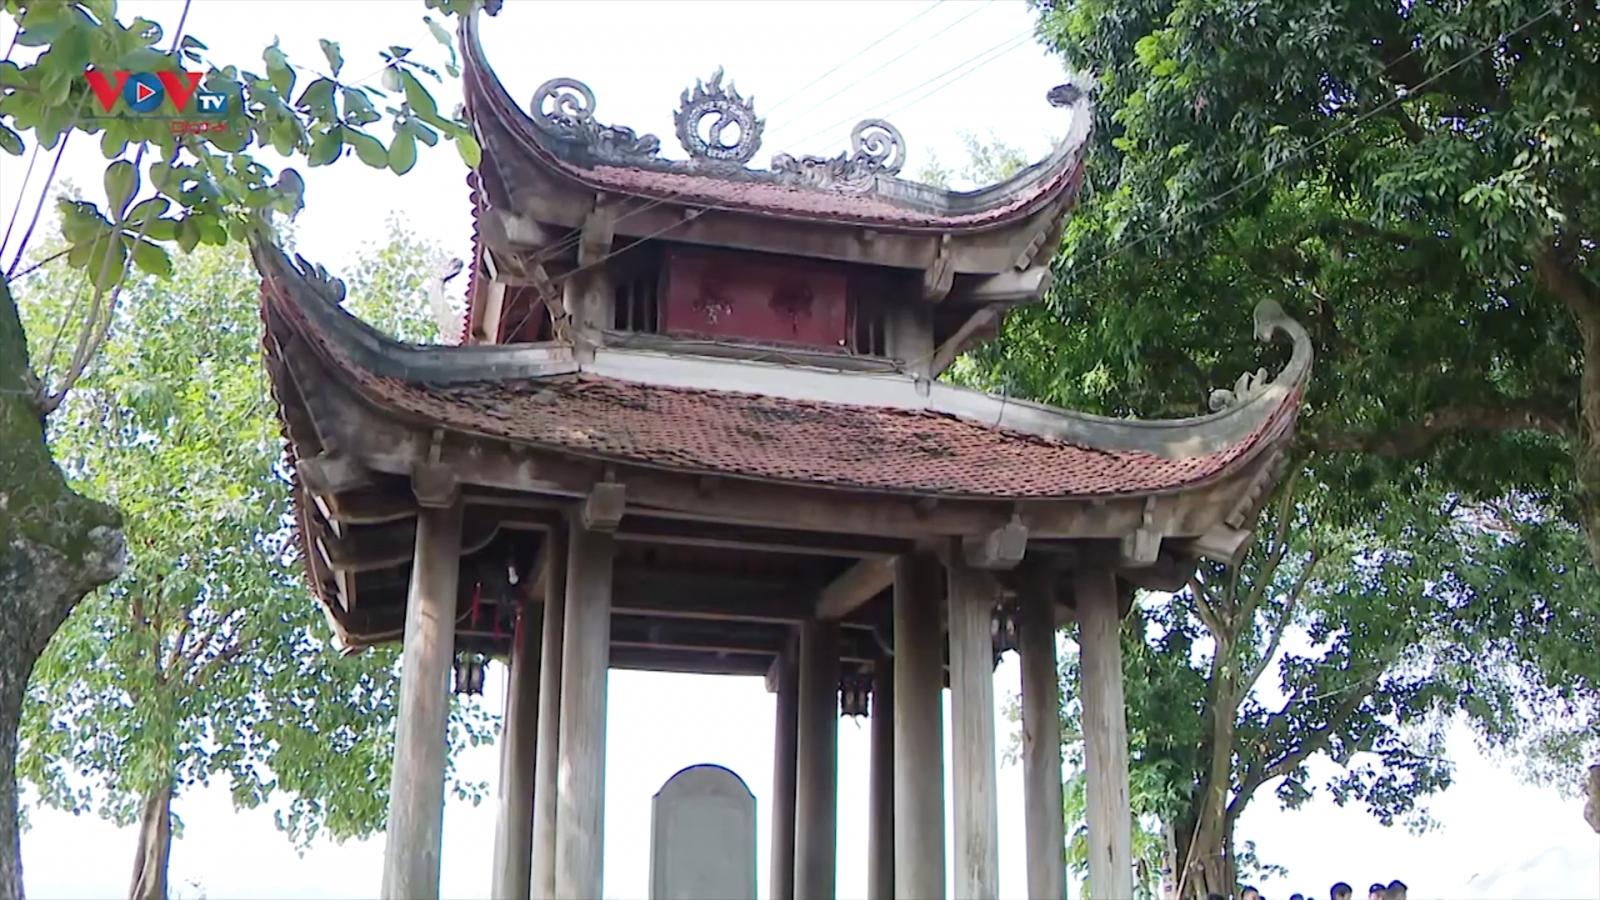 Hưng Yên - điểm đến cho người yêu du lịch văn hóa, tâm linh